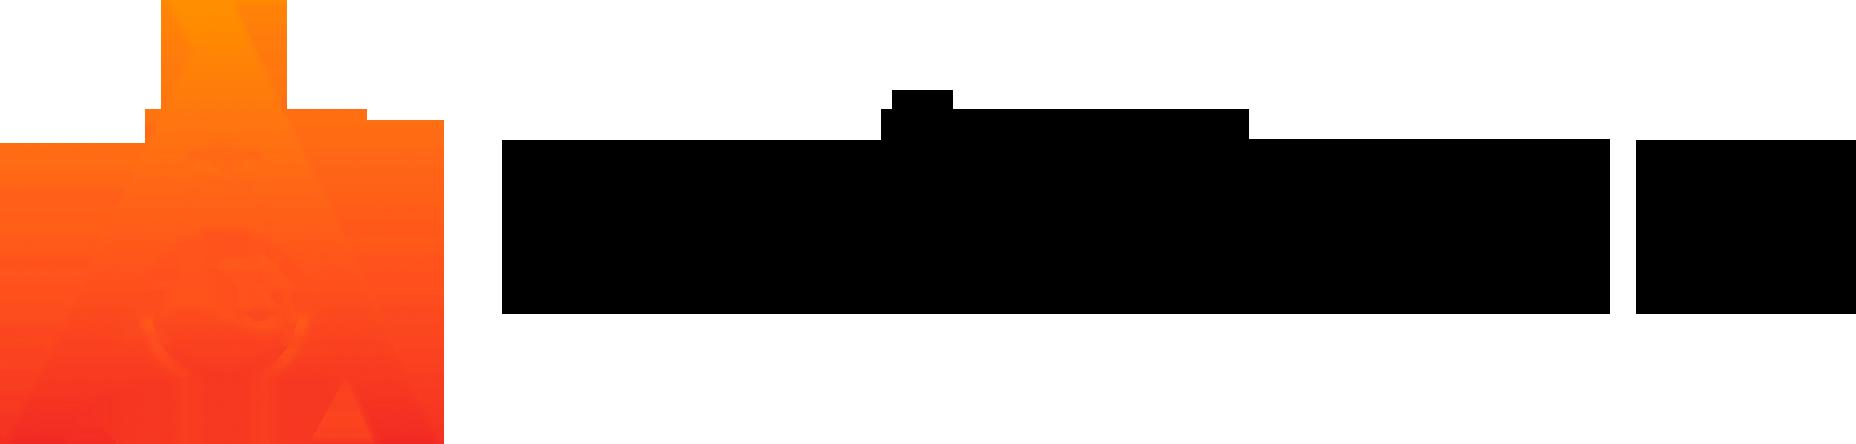 スマホ広告代理店 | 株式会社Rabo(ラボ)